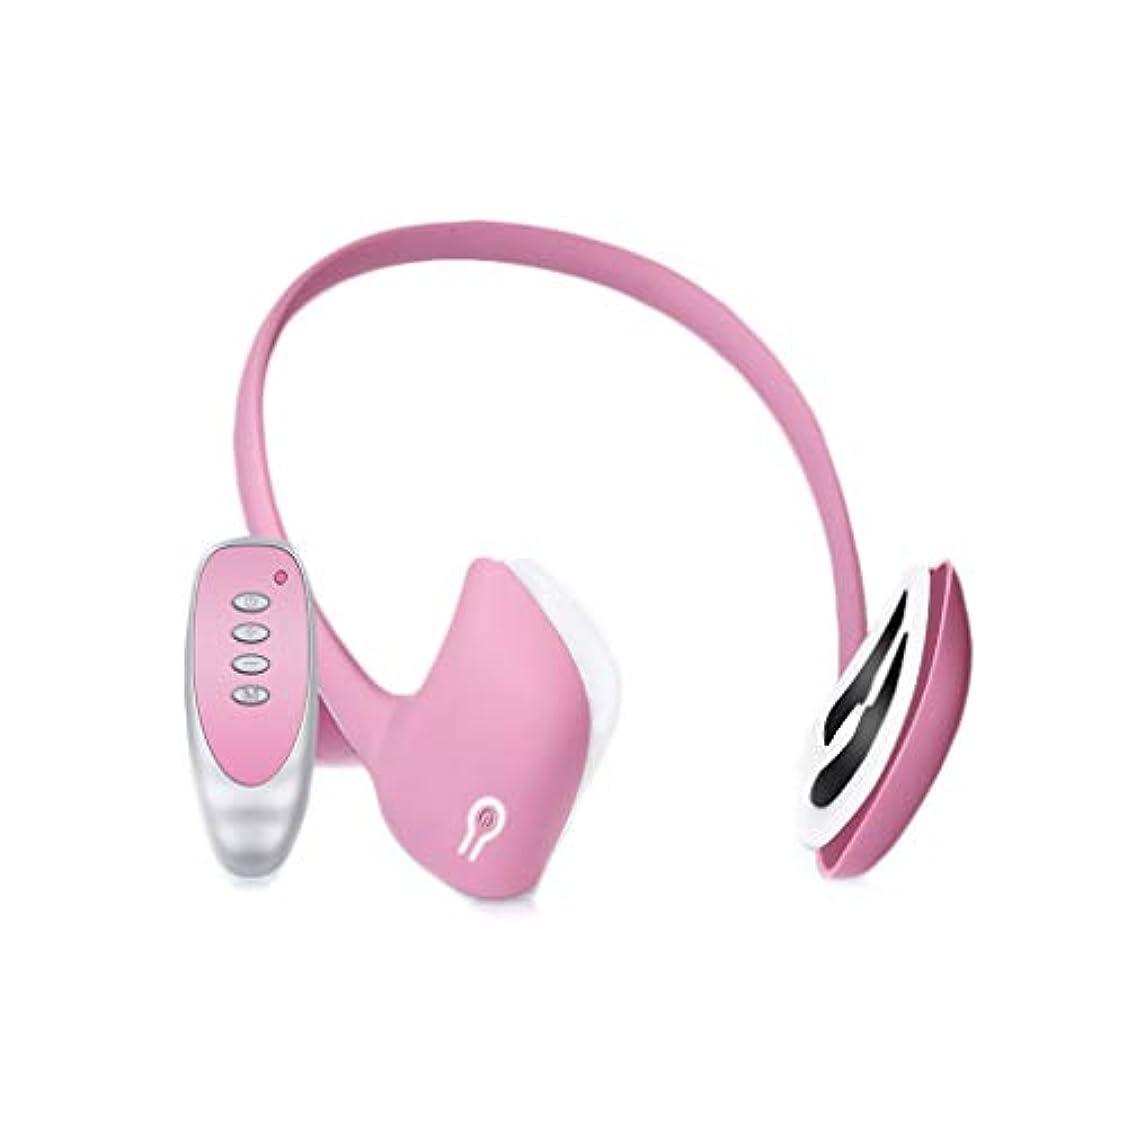 ラフレシアアルノルディ神学校腕XHLMRMJ フェイスリフティング器具、電動ツールマッサージャー、頬骨の薄い顔の引き締めの改善、フェイスブレース、多機能リフティング、男性と女性の両方に適しています (Color : Pink)